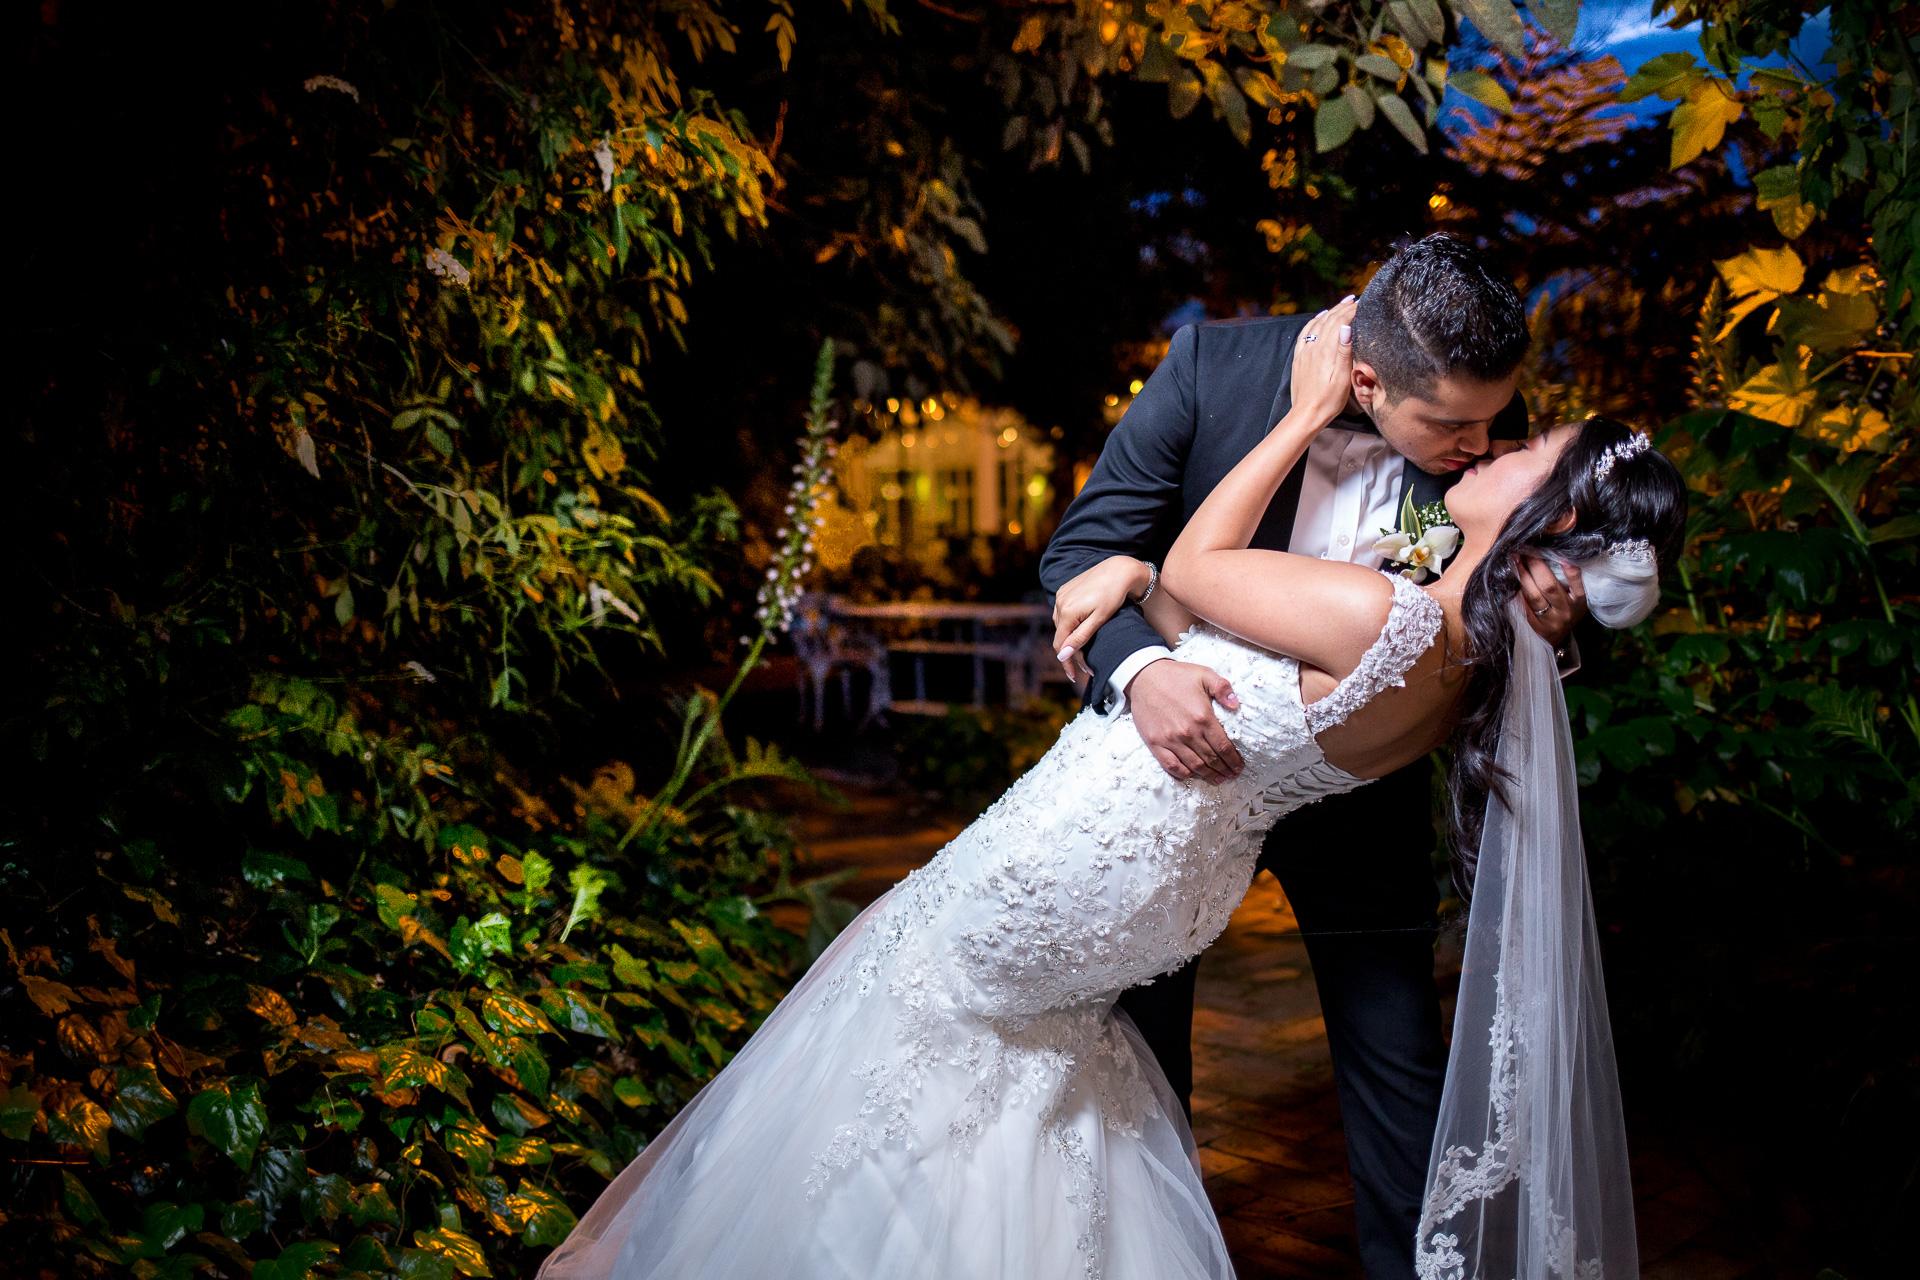 Fotógrafos-de-bodas-en-Colombia-Alejandro-y-Angelica-37 ALEJANDRO + ANGELICA